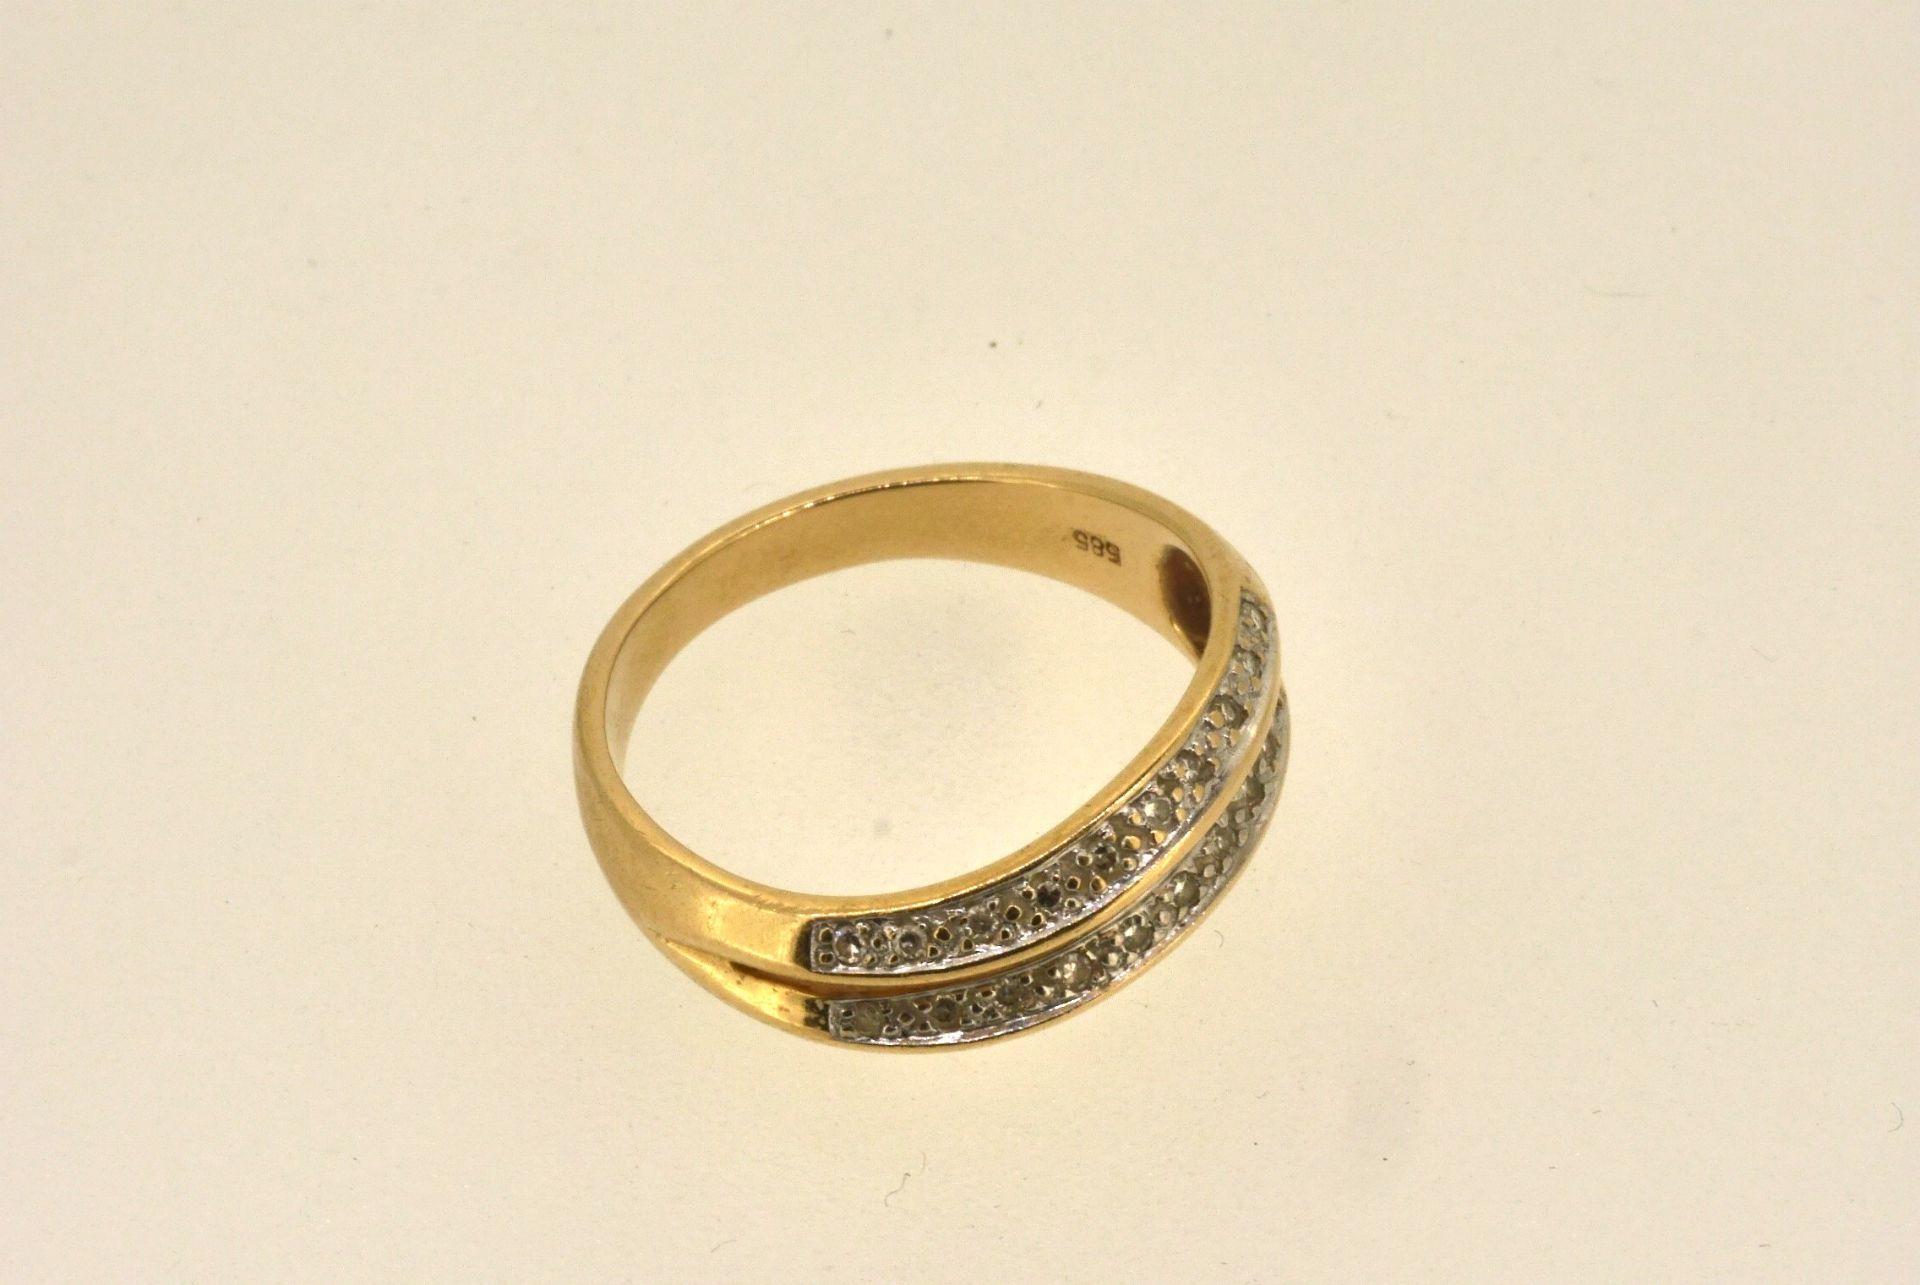 Ring GG 585, Diamanten, 3,87 Gramm - Bild 4 aus 4